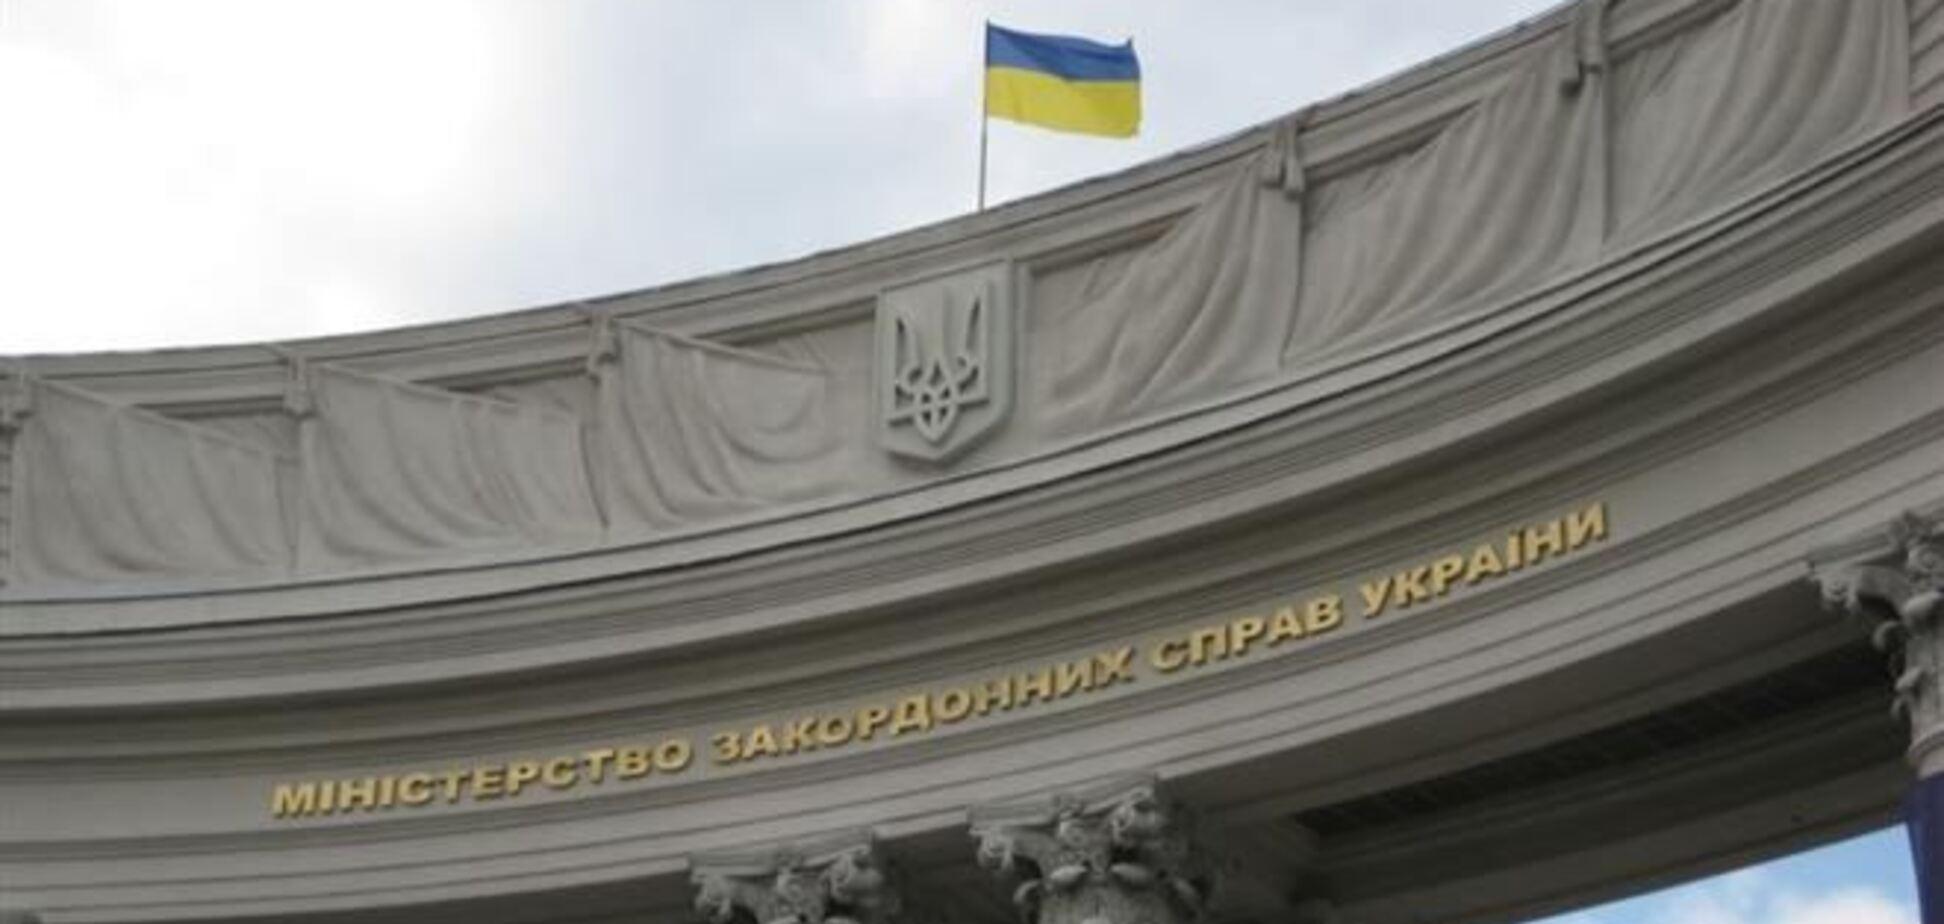 Росія використовує аргументи періоду 'холодної війни' - МЗС